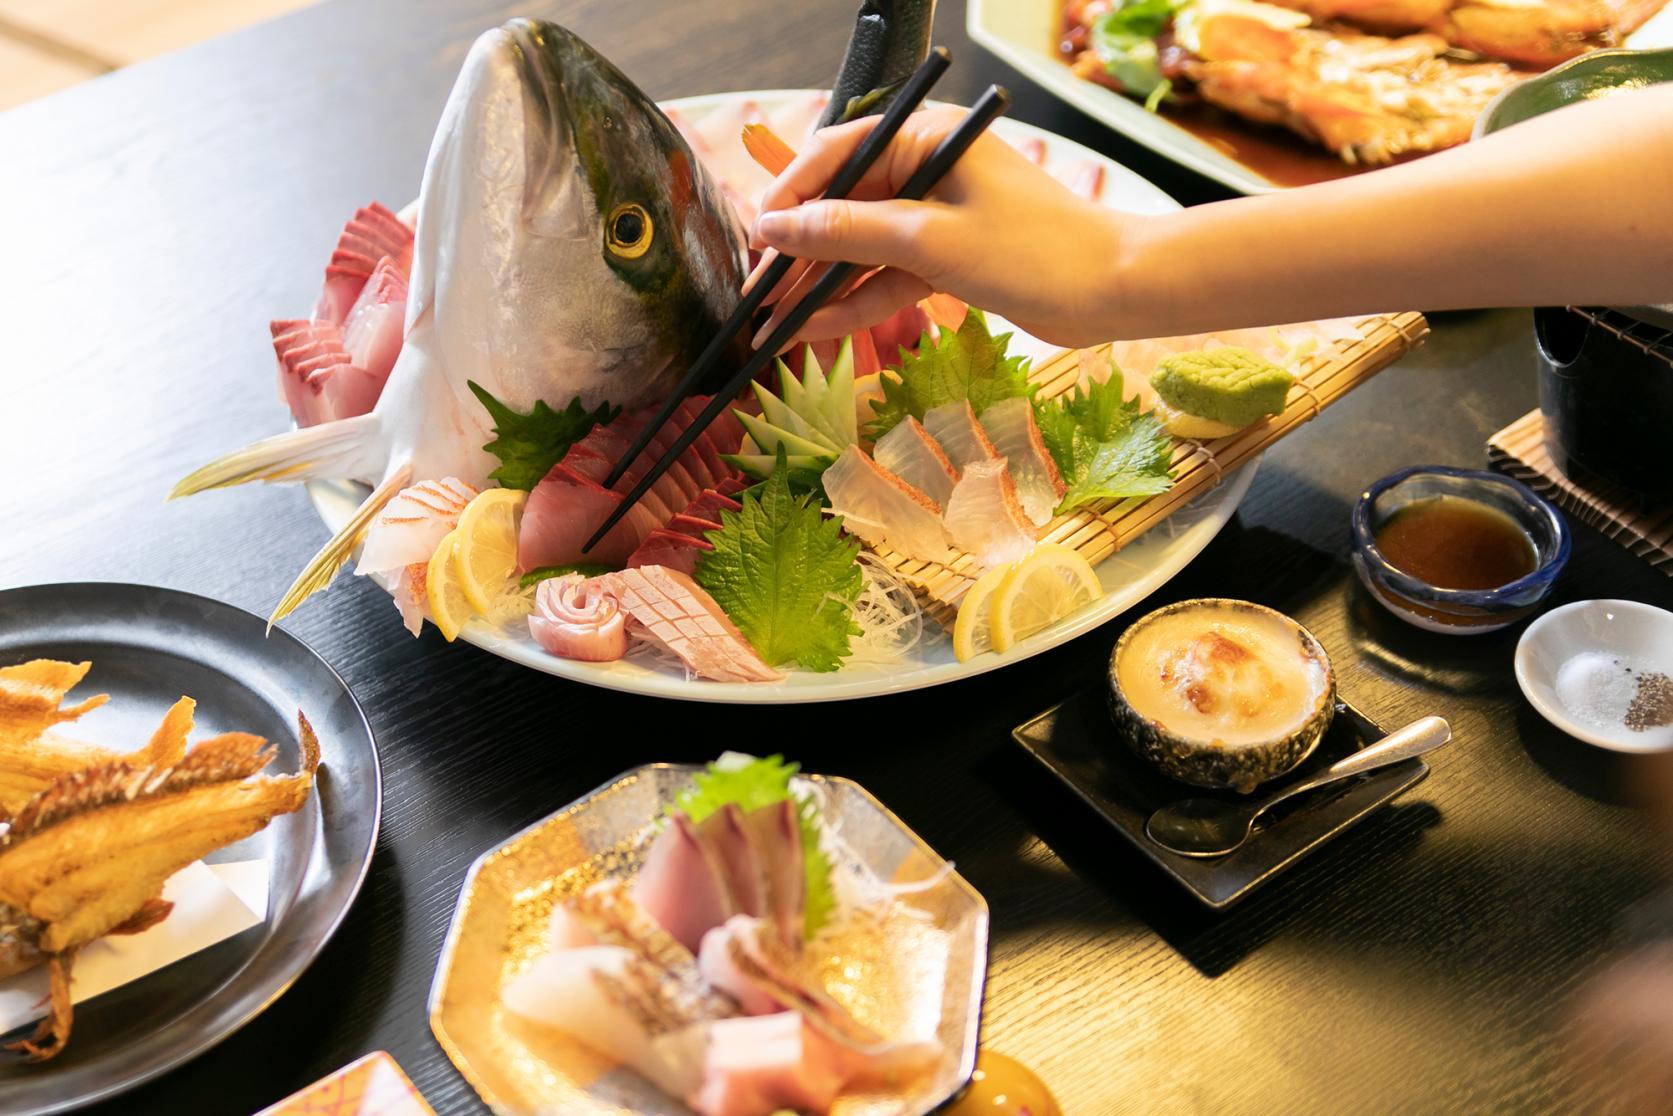 釣った魚を食べてみたいときは?-3